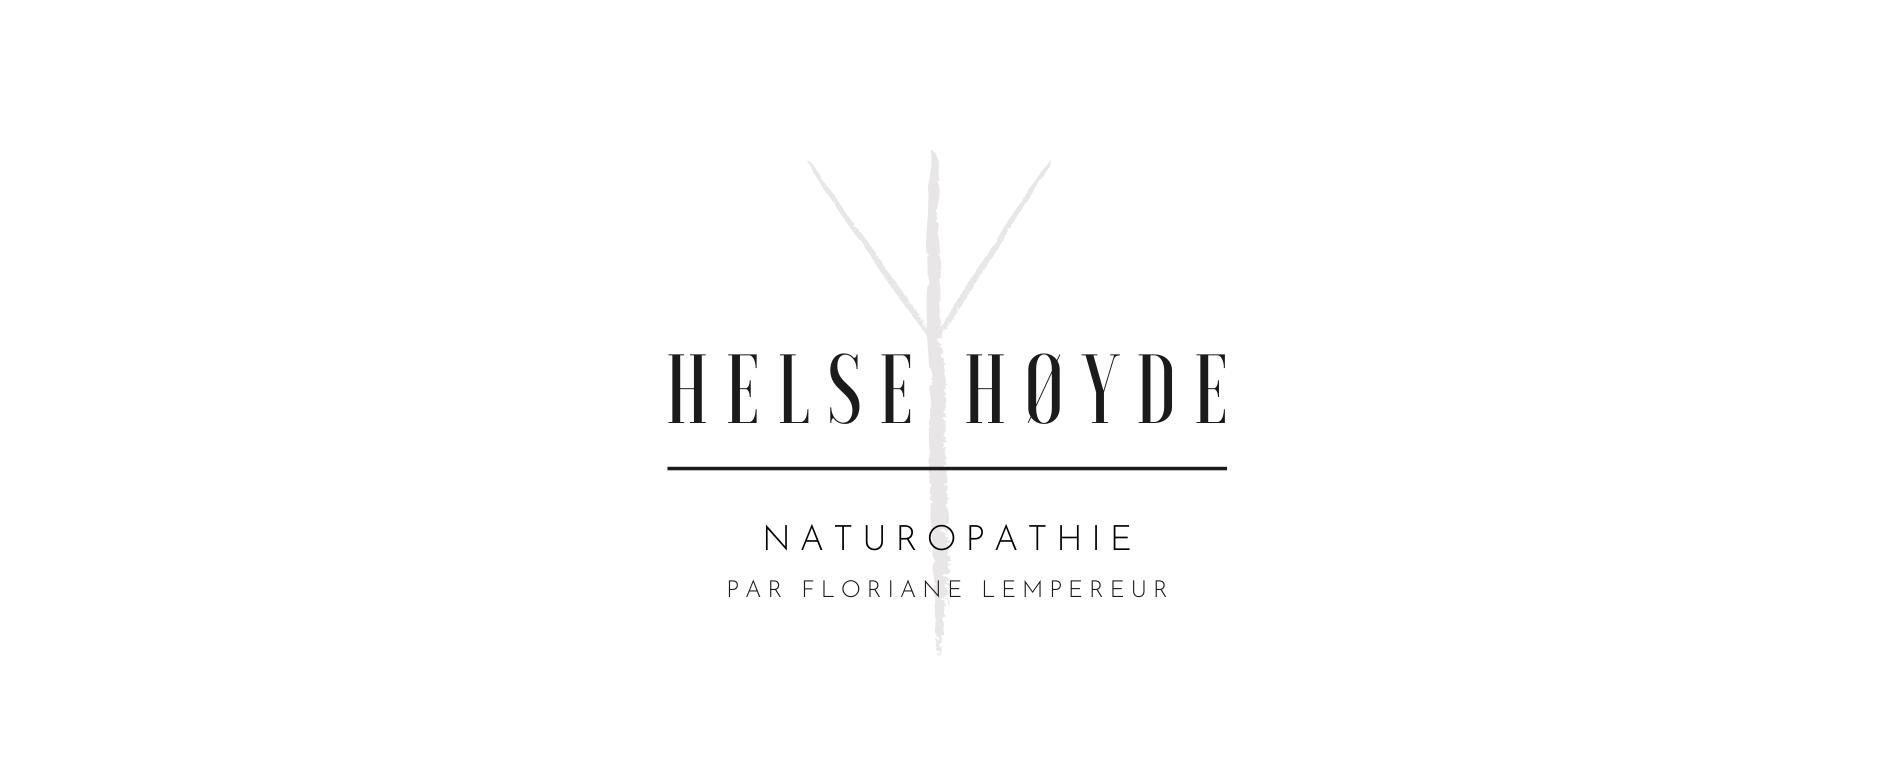 helse høyde naturopathie